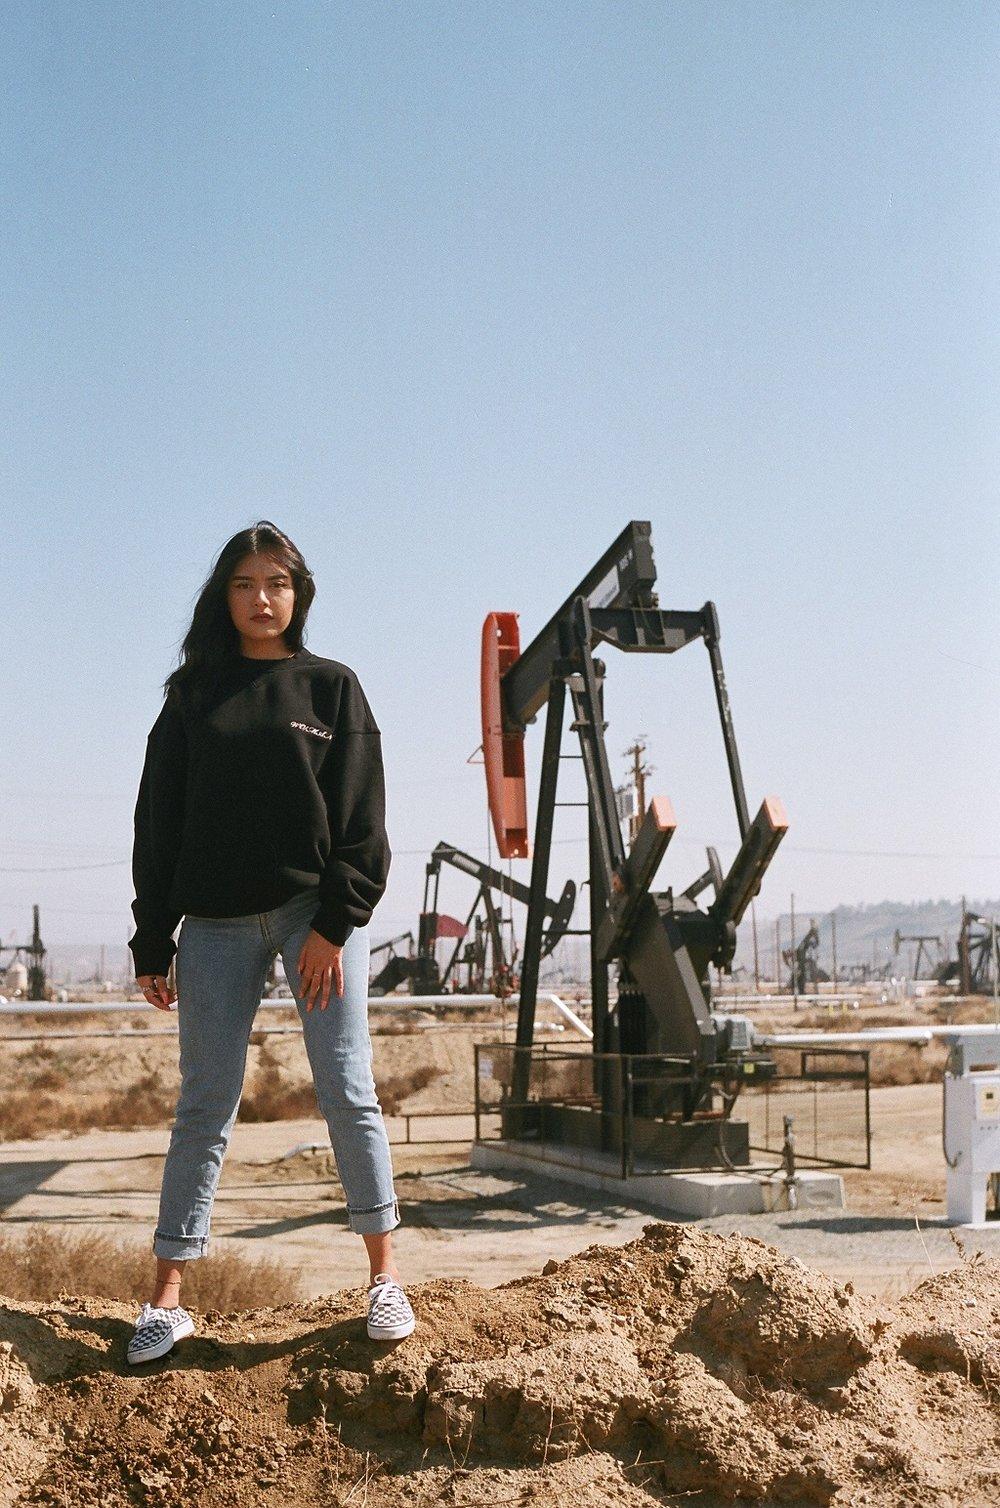 bakersfield-california-oil-fields-menswear-women-in-menswear-mens-fashion-womens-fashion-made-in-america-cotton-oversized-sweatshirt-santana-social-club.JPG